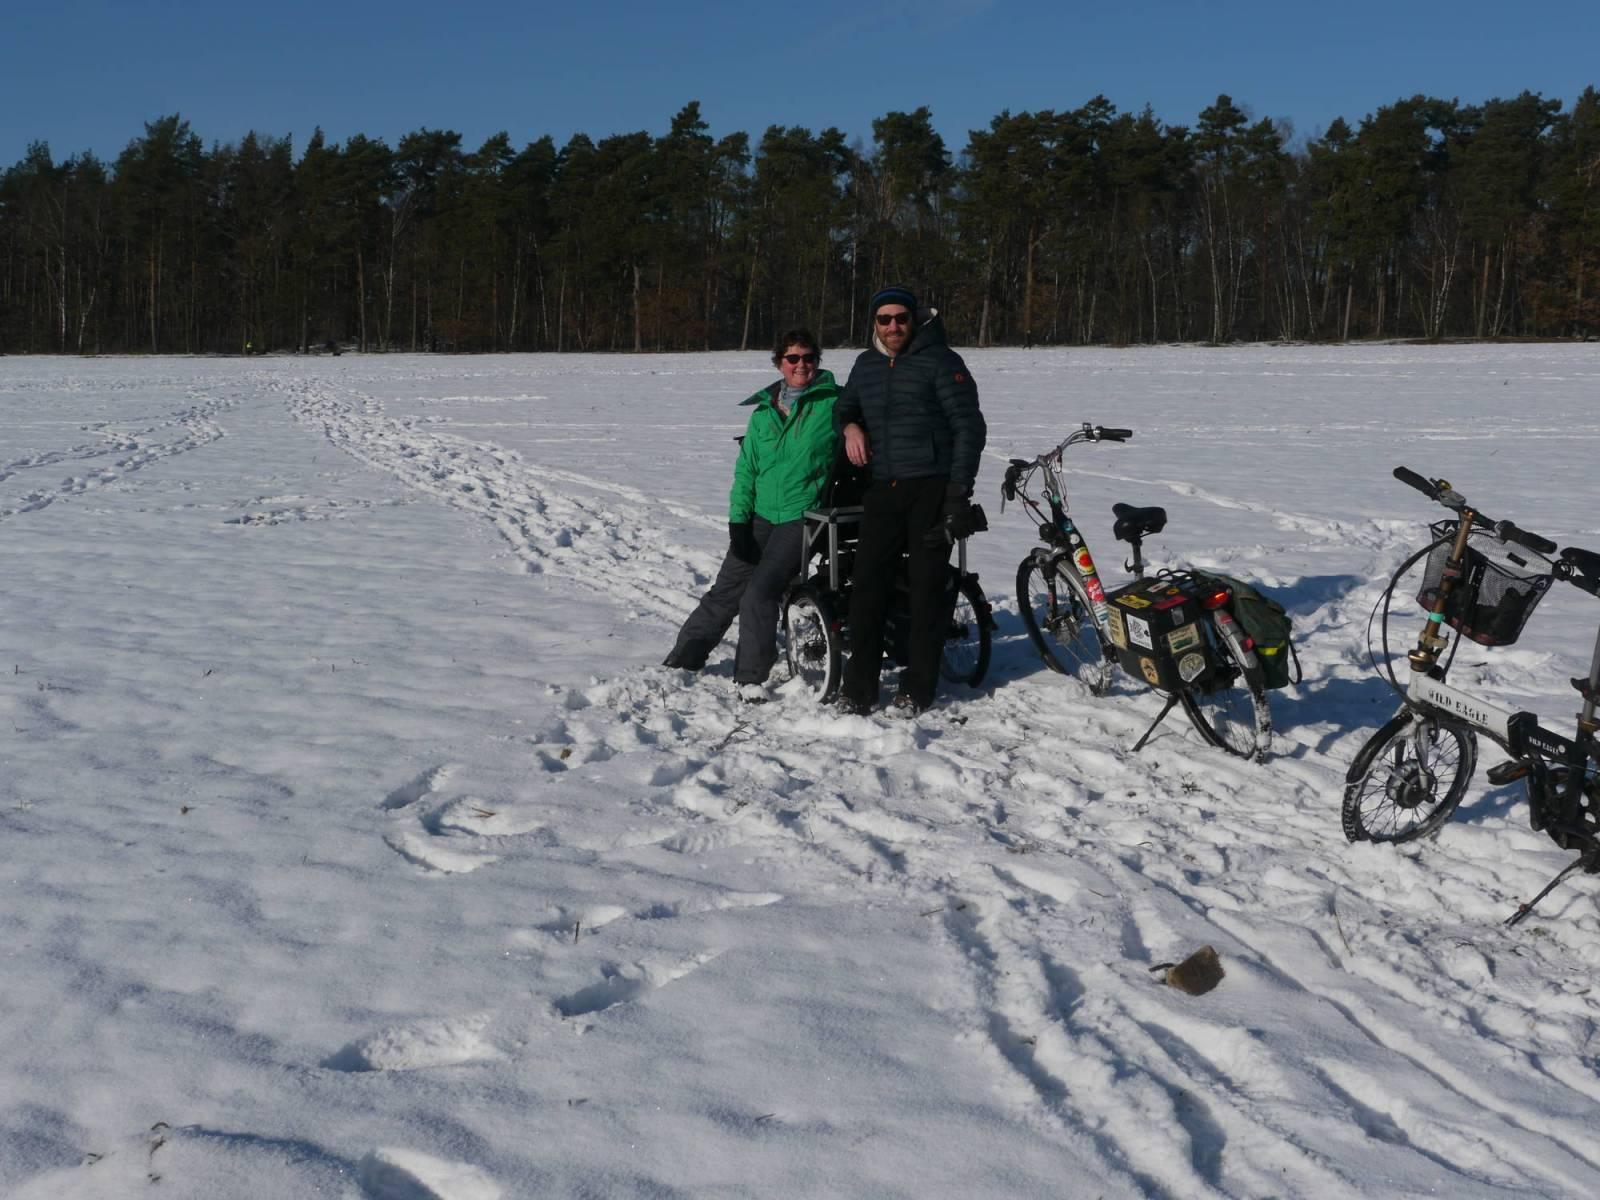 Quer durchs Schneefeld mit dem Dreirad!